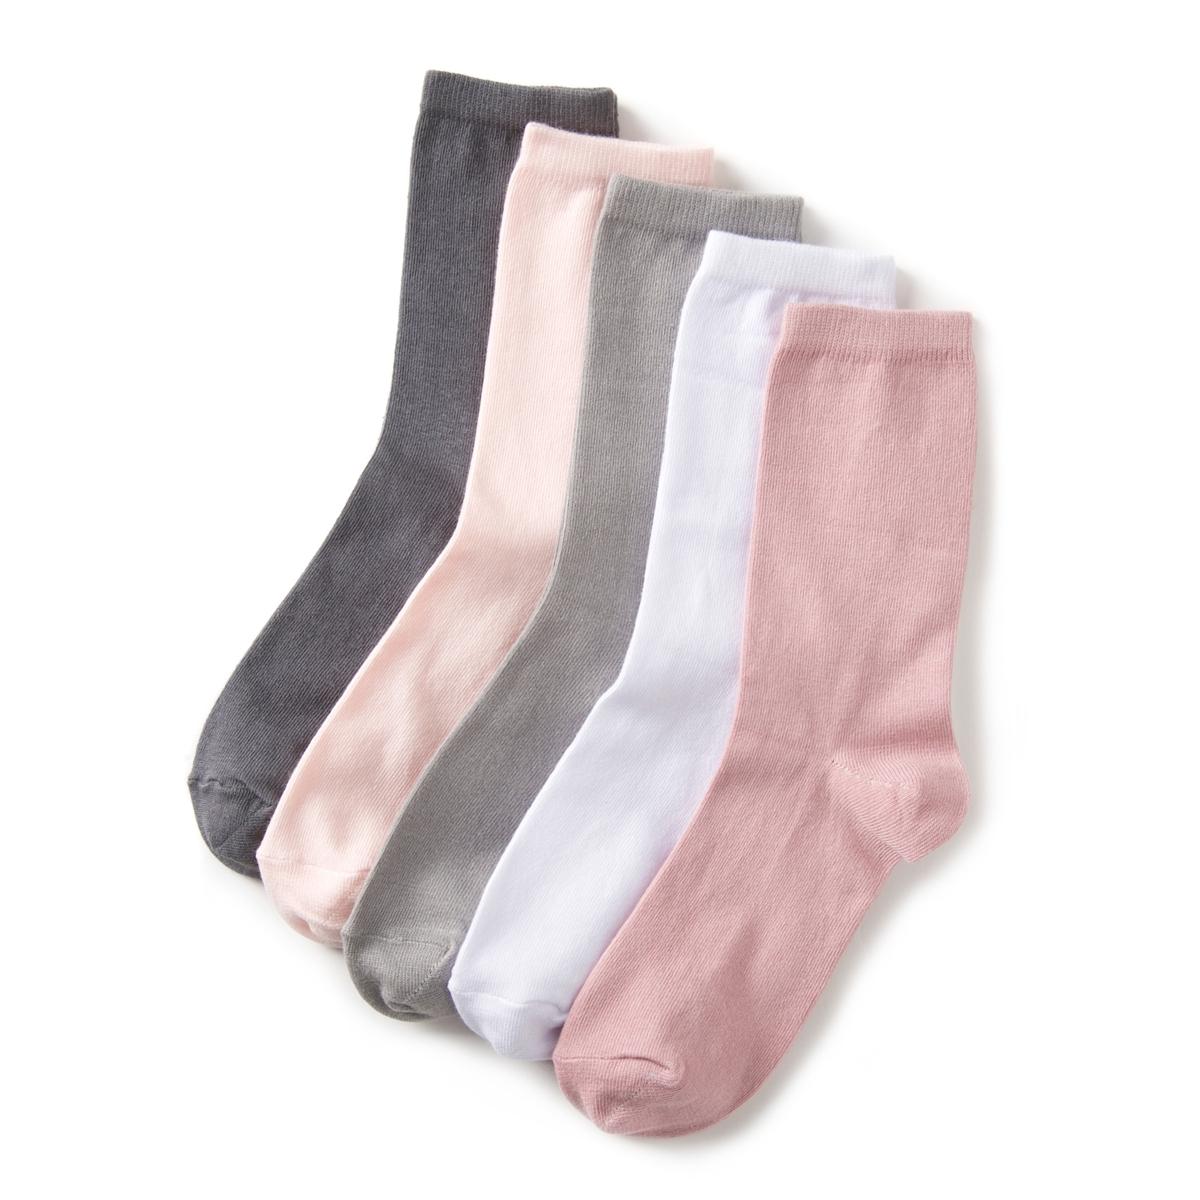 Комплект из 5 пар однотонных  носковLa Redoute<br>Комплект из 5 пар однотонных  носков . Высота до середины голени. Теплые тона или более темные для сочетания с любой одеждой .Детали •  5 пар однотонных носков .Характеристики   •  Hauteur mi-mollet.Состав и уход •  76% хлопка, 23% полиамида, 1% эластана • Машинная стирка при 30°, на умеренном режиме     • Стирать с вещами подобного цвета<br><br>Цвет: розовый/ серый